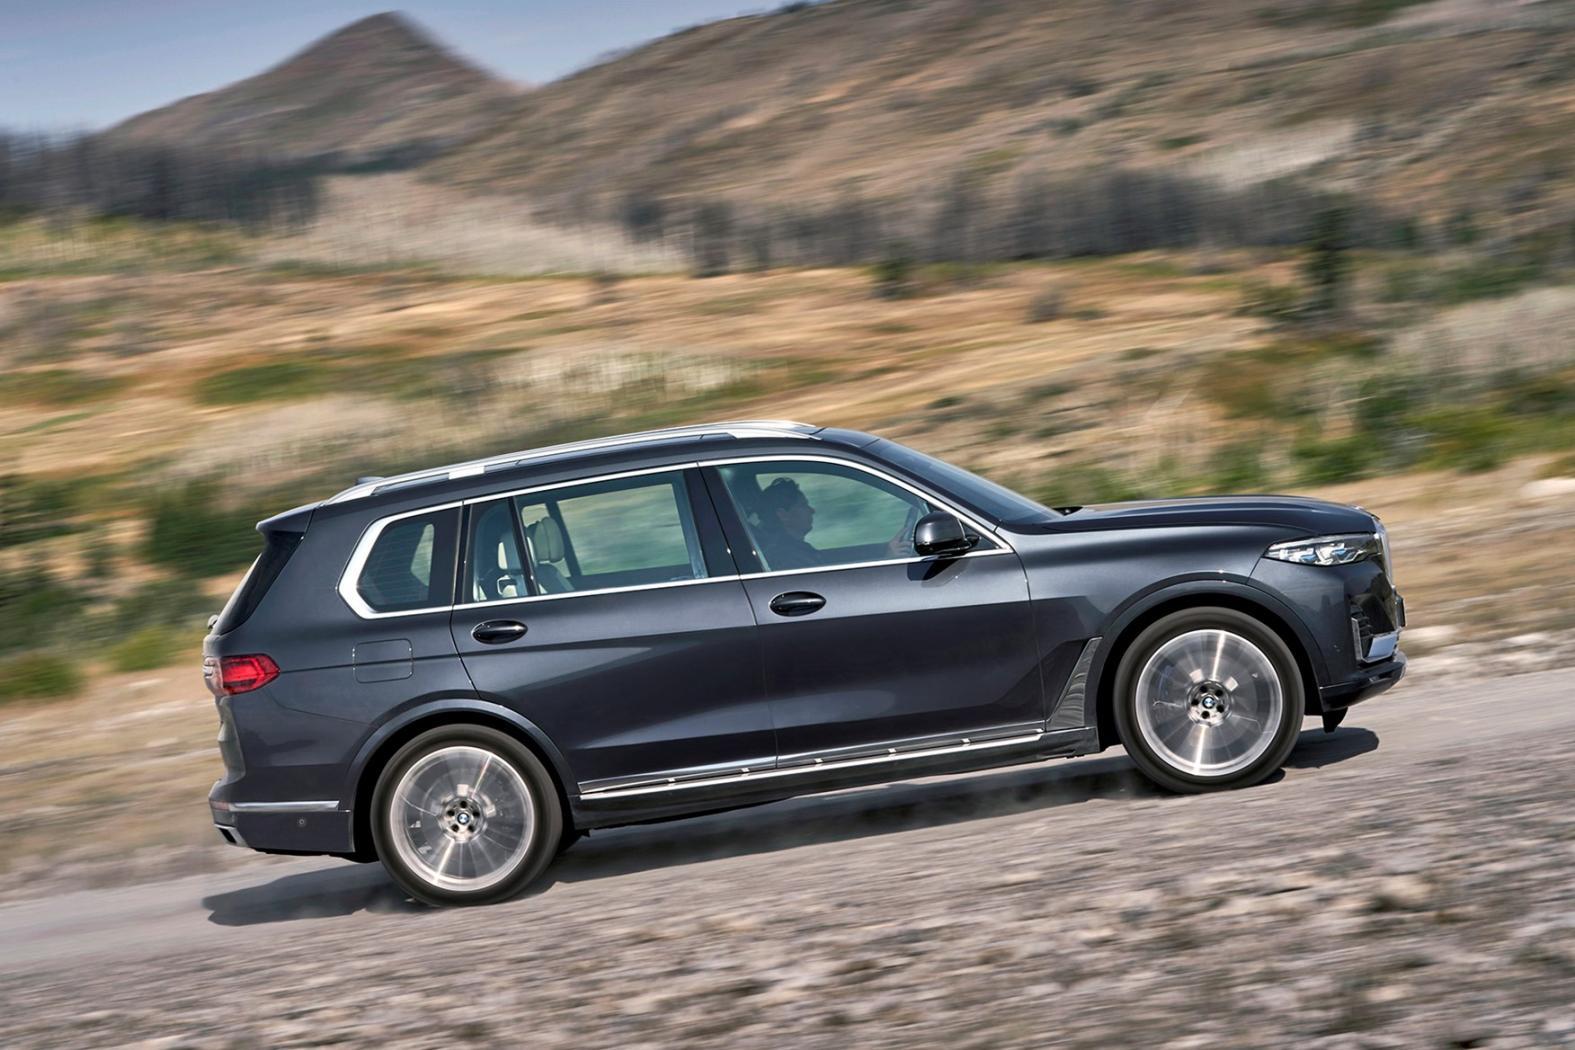 X7-le-nouveau-SUV-XXL-de-BMW-10.jpeg